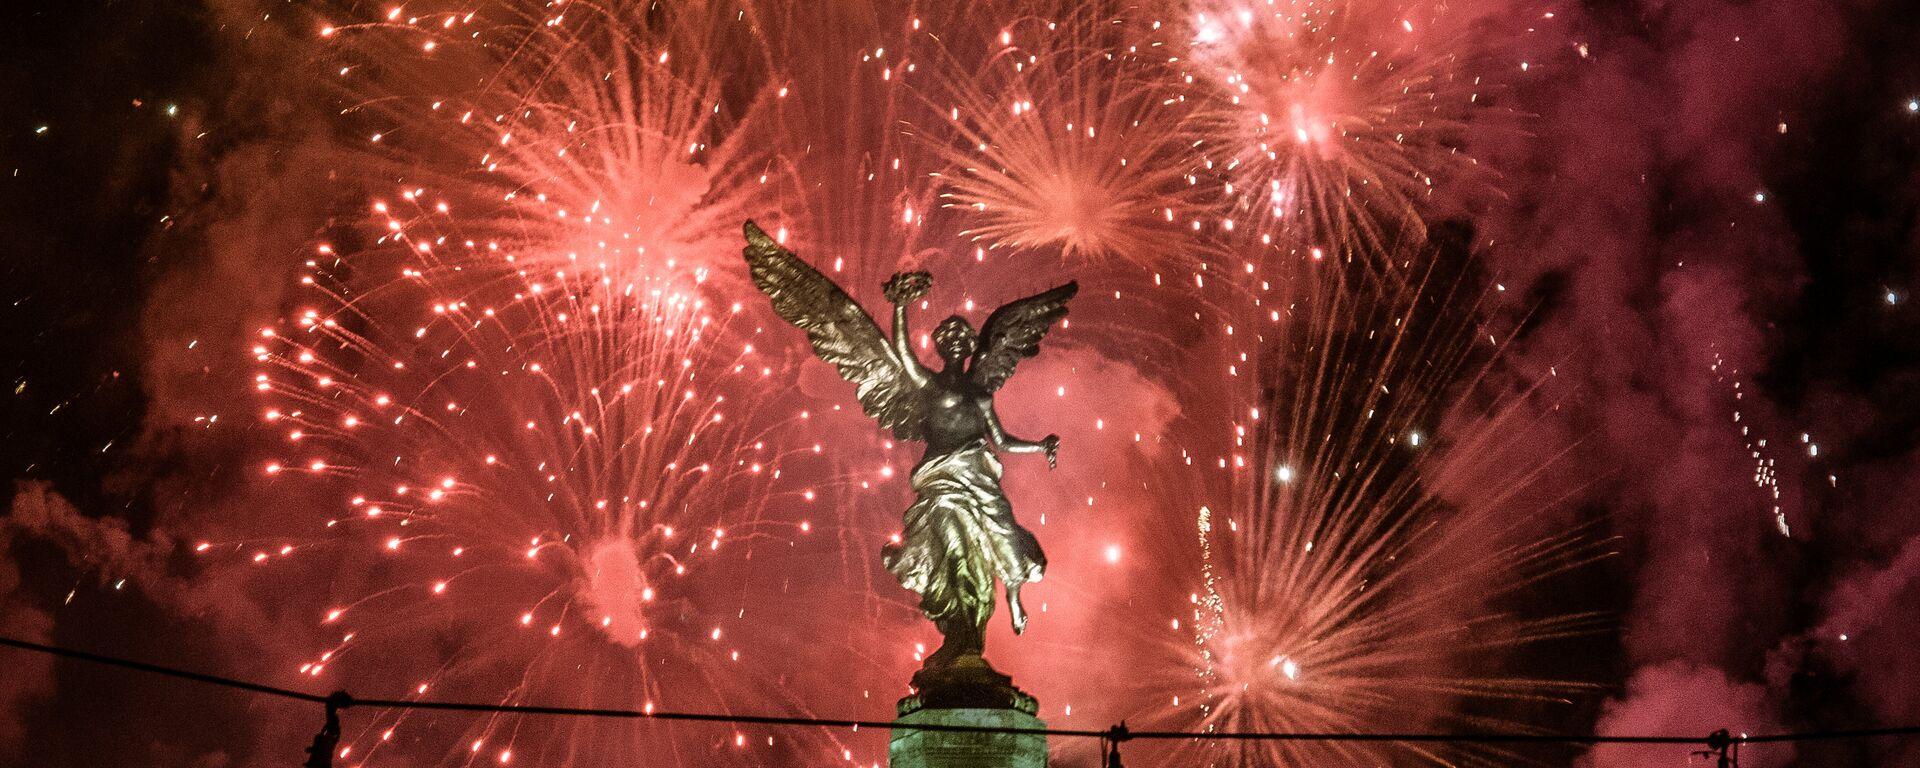 El Ángel de la Independencia en México, símbolo de la patria liberada - Sputnik Mundo, 1920, 10.09.2021